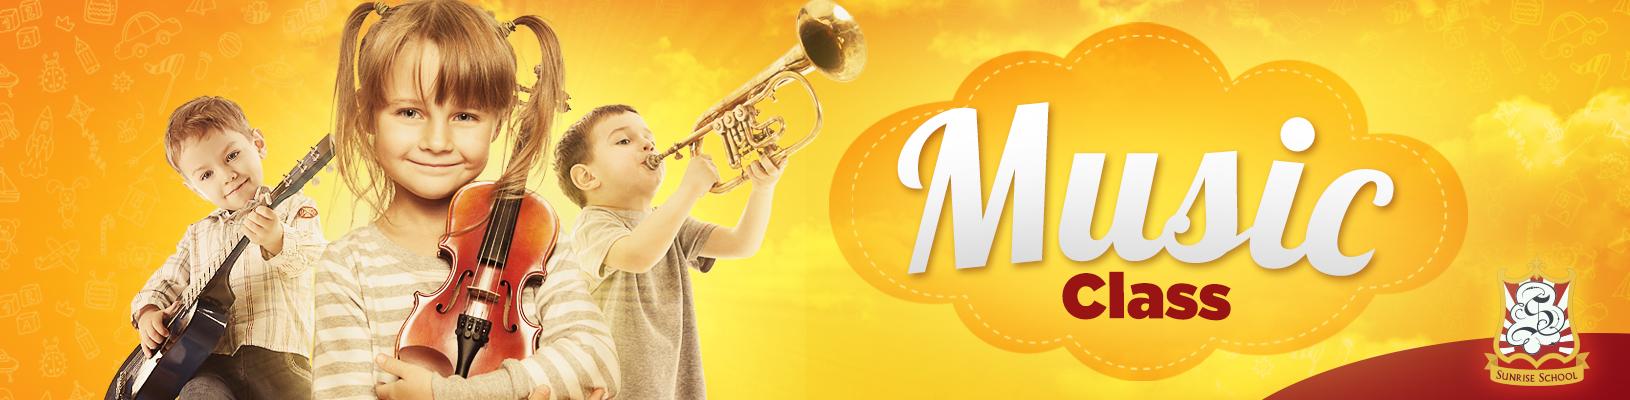 Aulas de Música